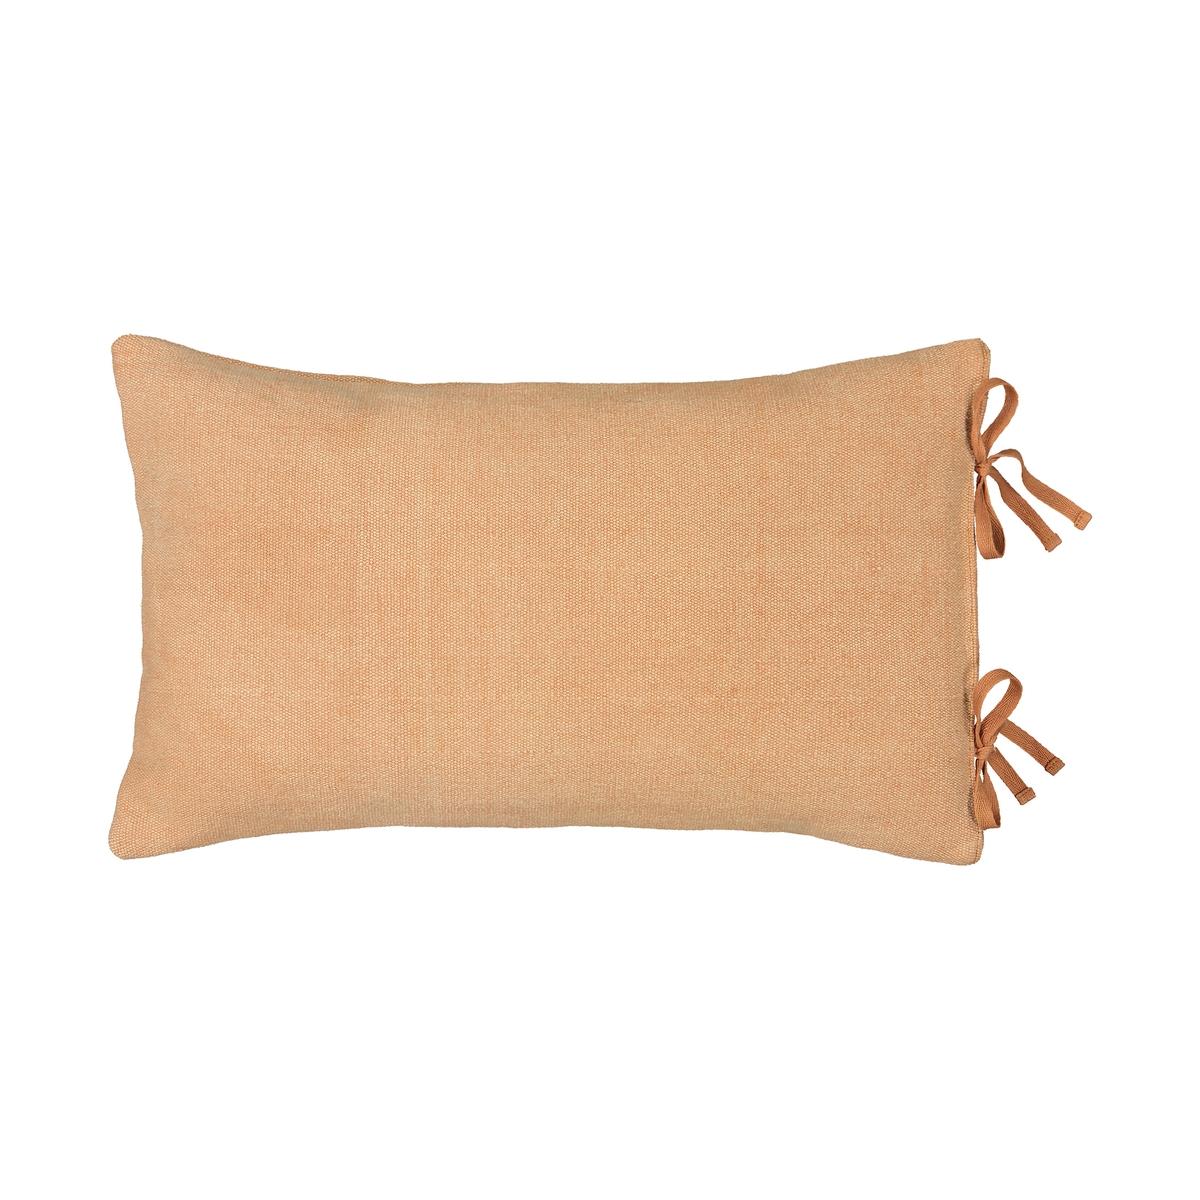 Чехол La Redoute На подушку Soto 50 x 30 см каштановый soto soto origami lp cd